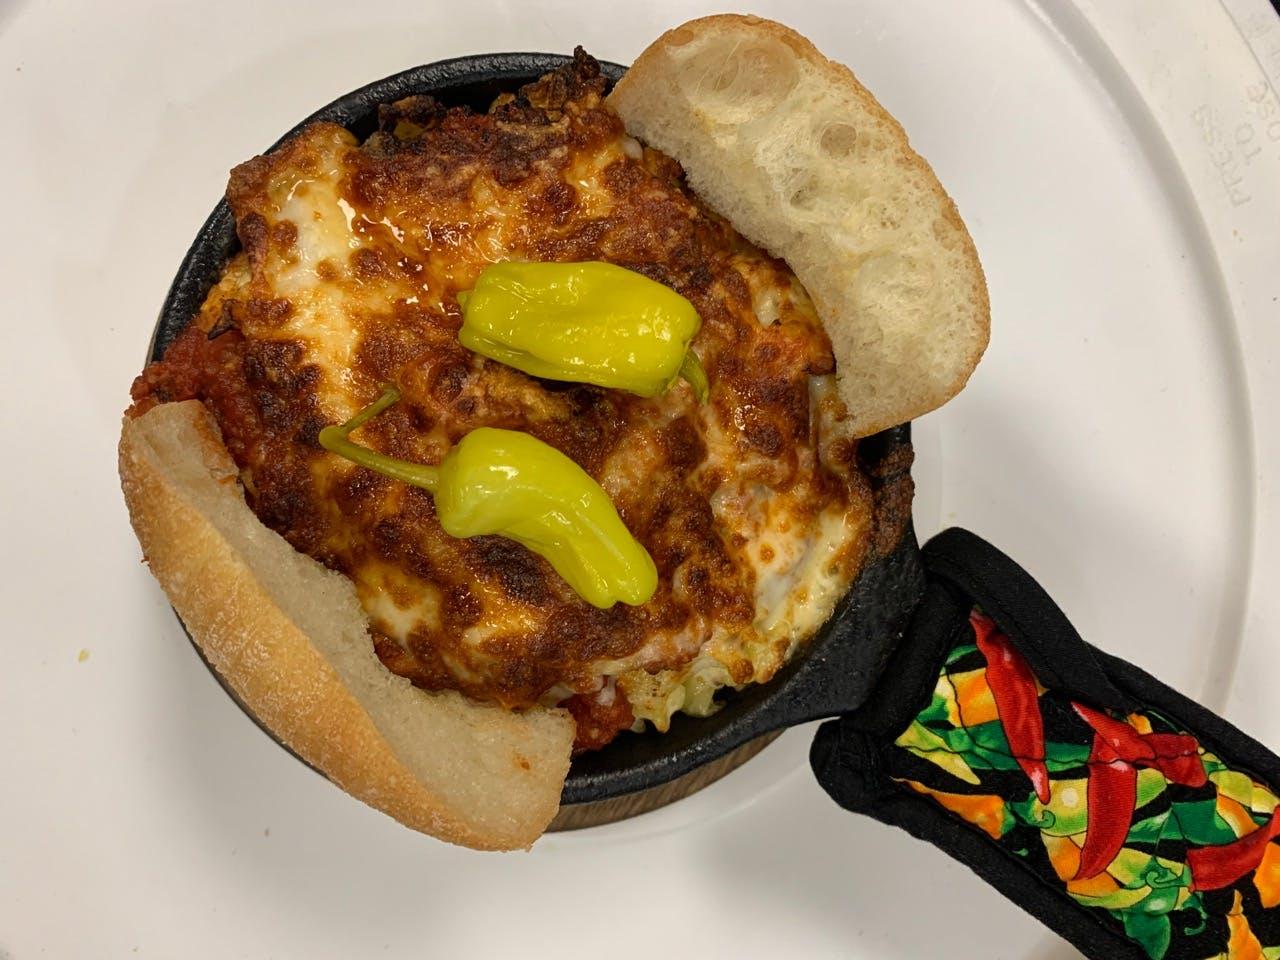 Hot Italiano